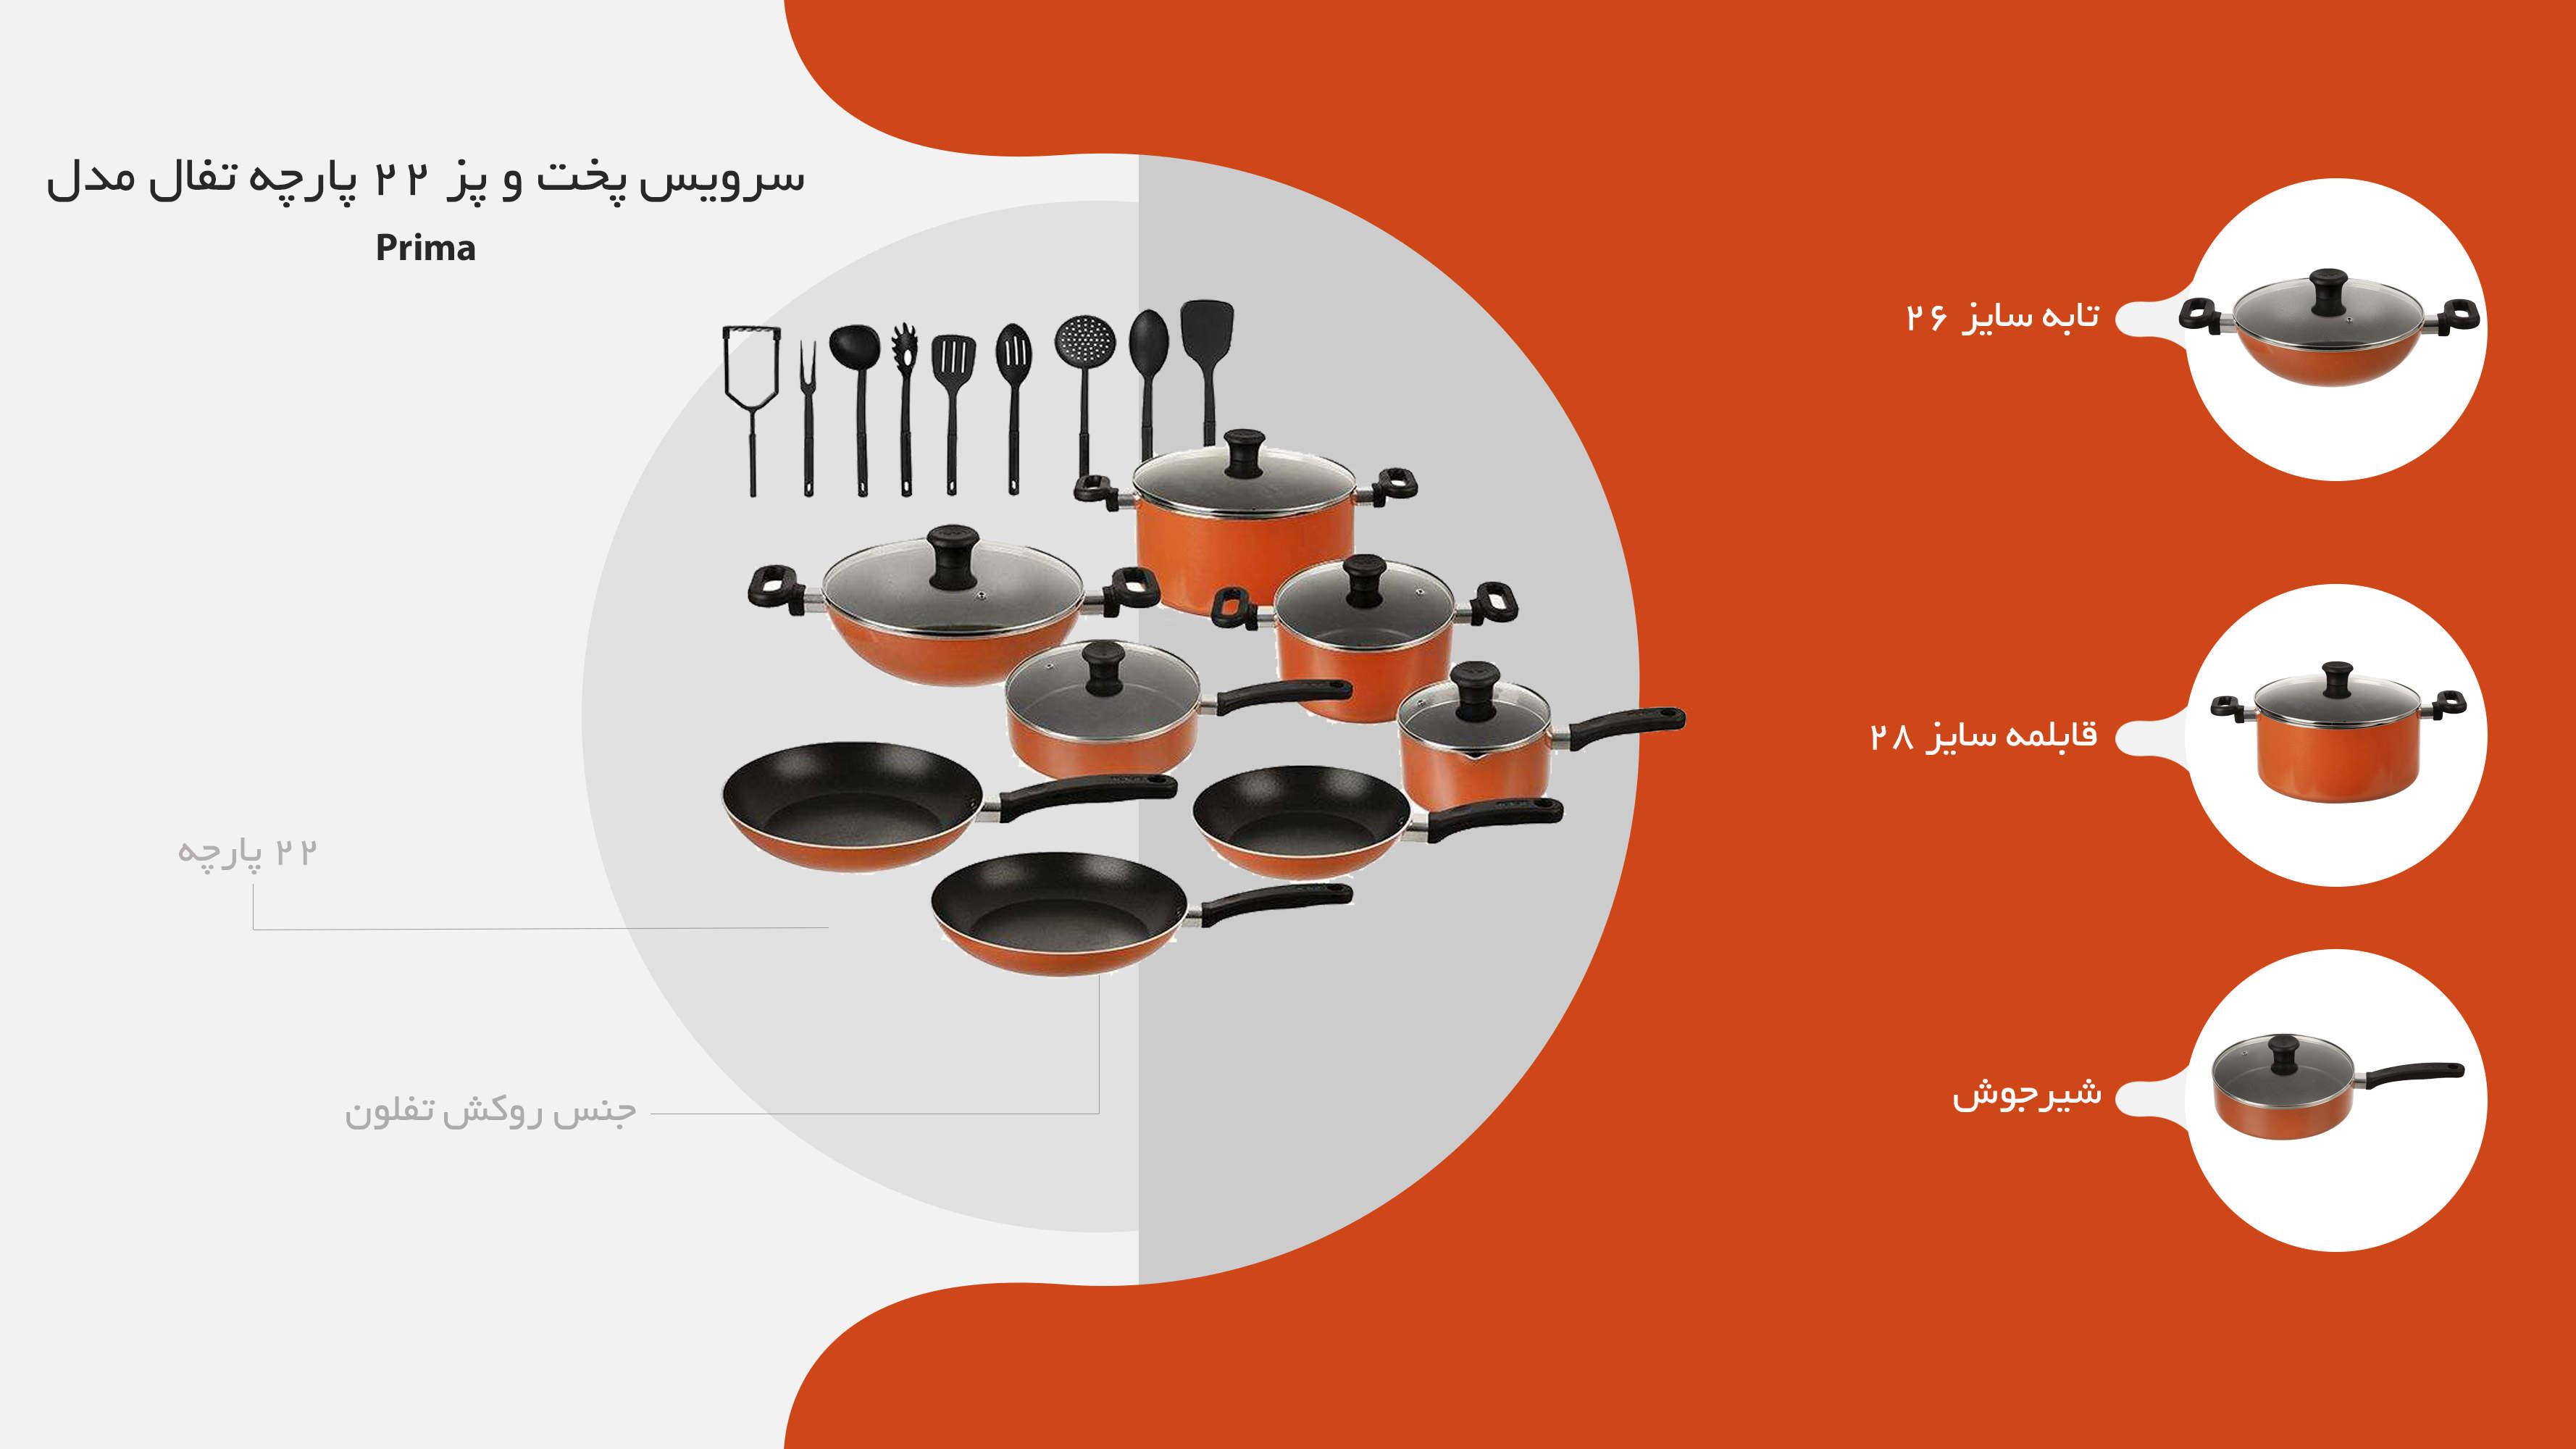 سرویس پخت و پز 22 پارچه تفال مدل Prima نمای کلی